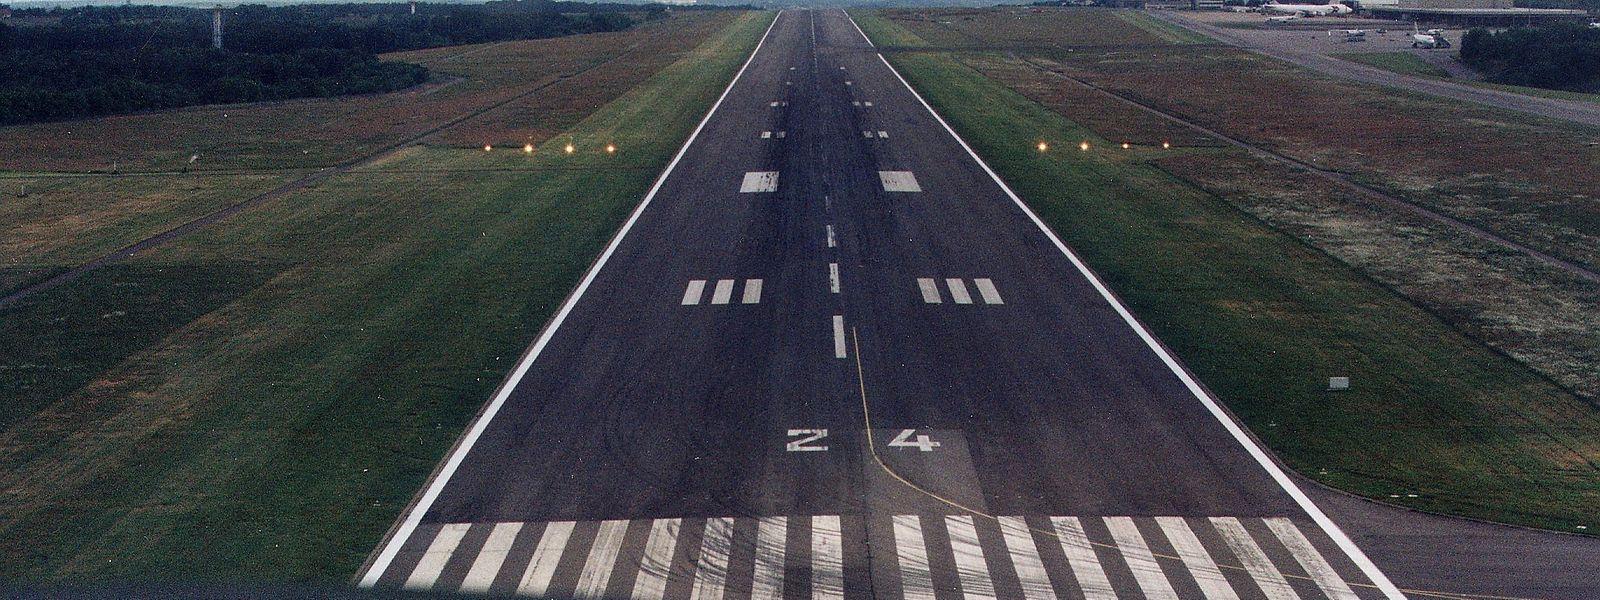 Die Erneuerung der Landebahn erfordert eine komplexe Baustelle.